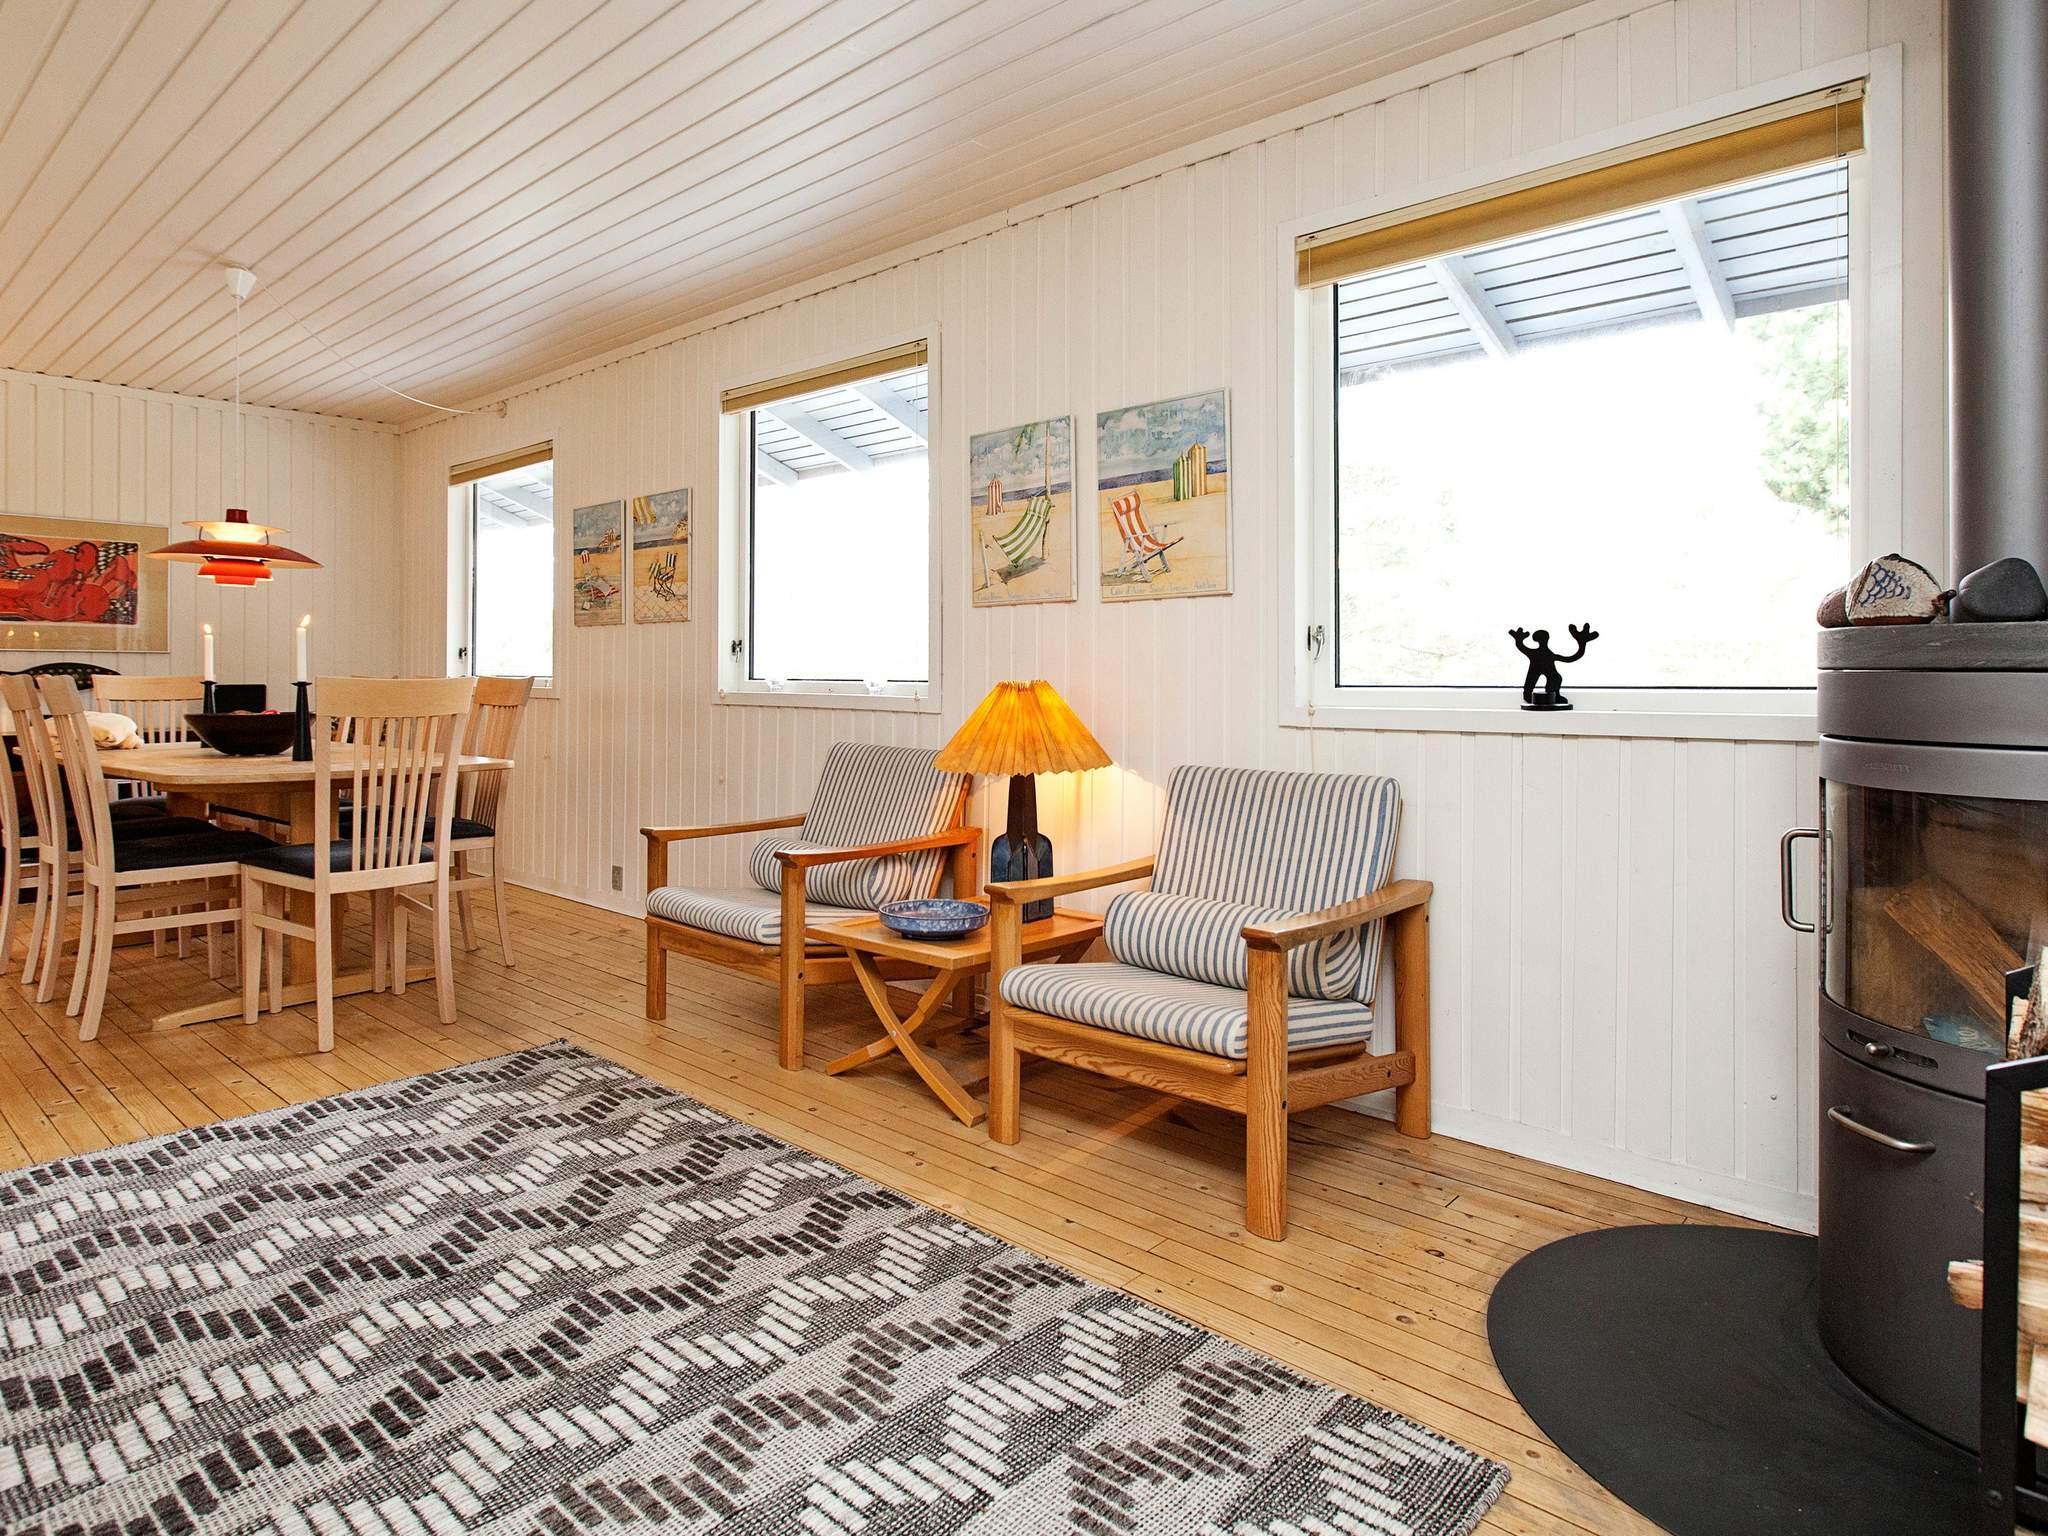 Ferienhaus Udsholt Strand (87426), Udsholt, , Nordseeland, Dänemark, Bild 6